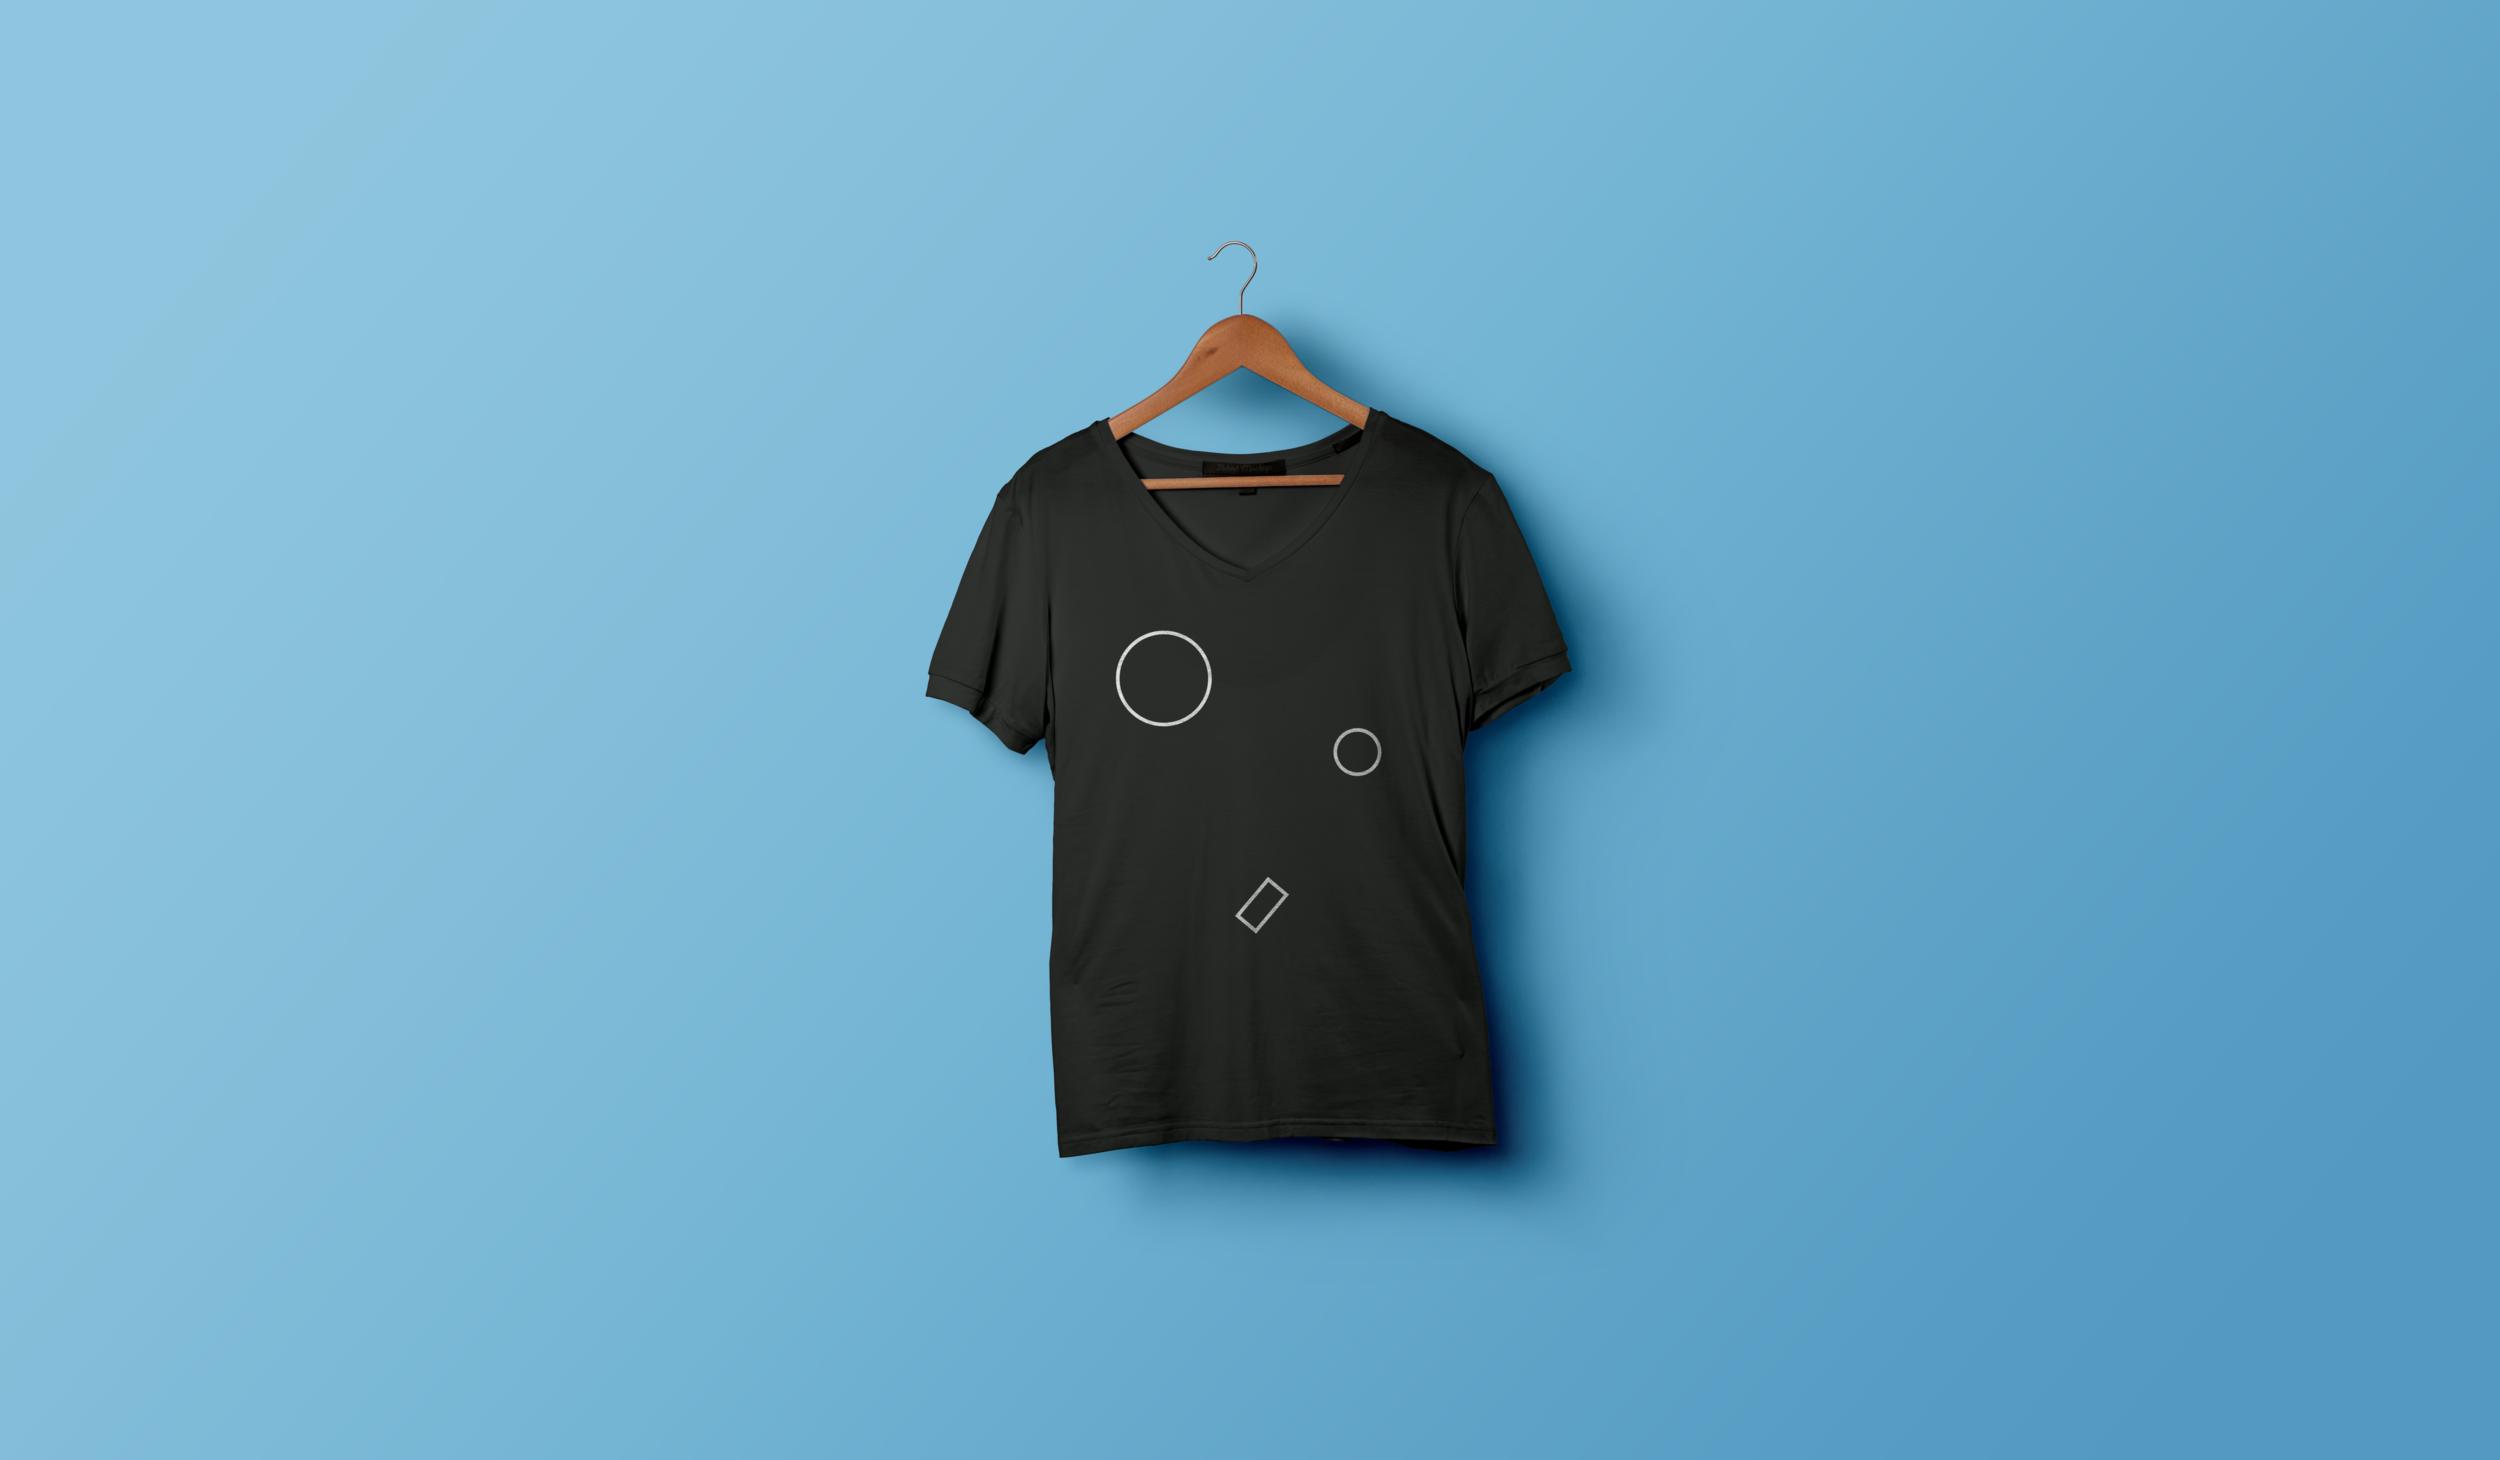 T-Shirt-Hanging-V-Neckline-Mockup-vol-1.png